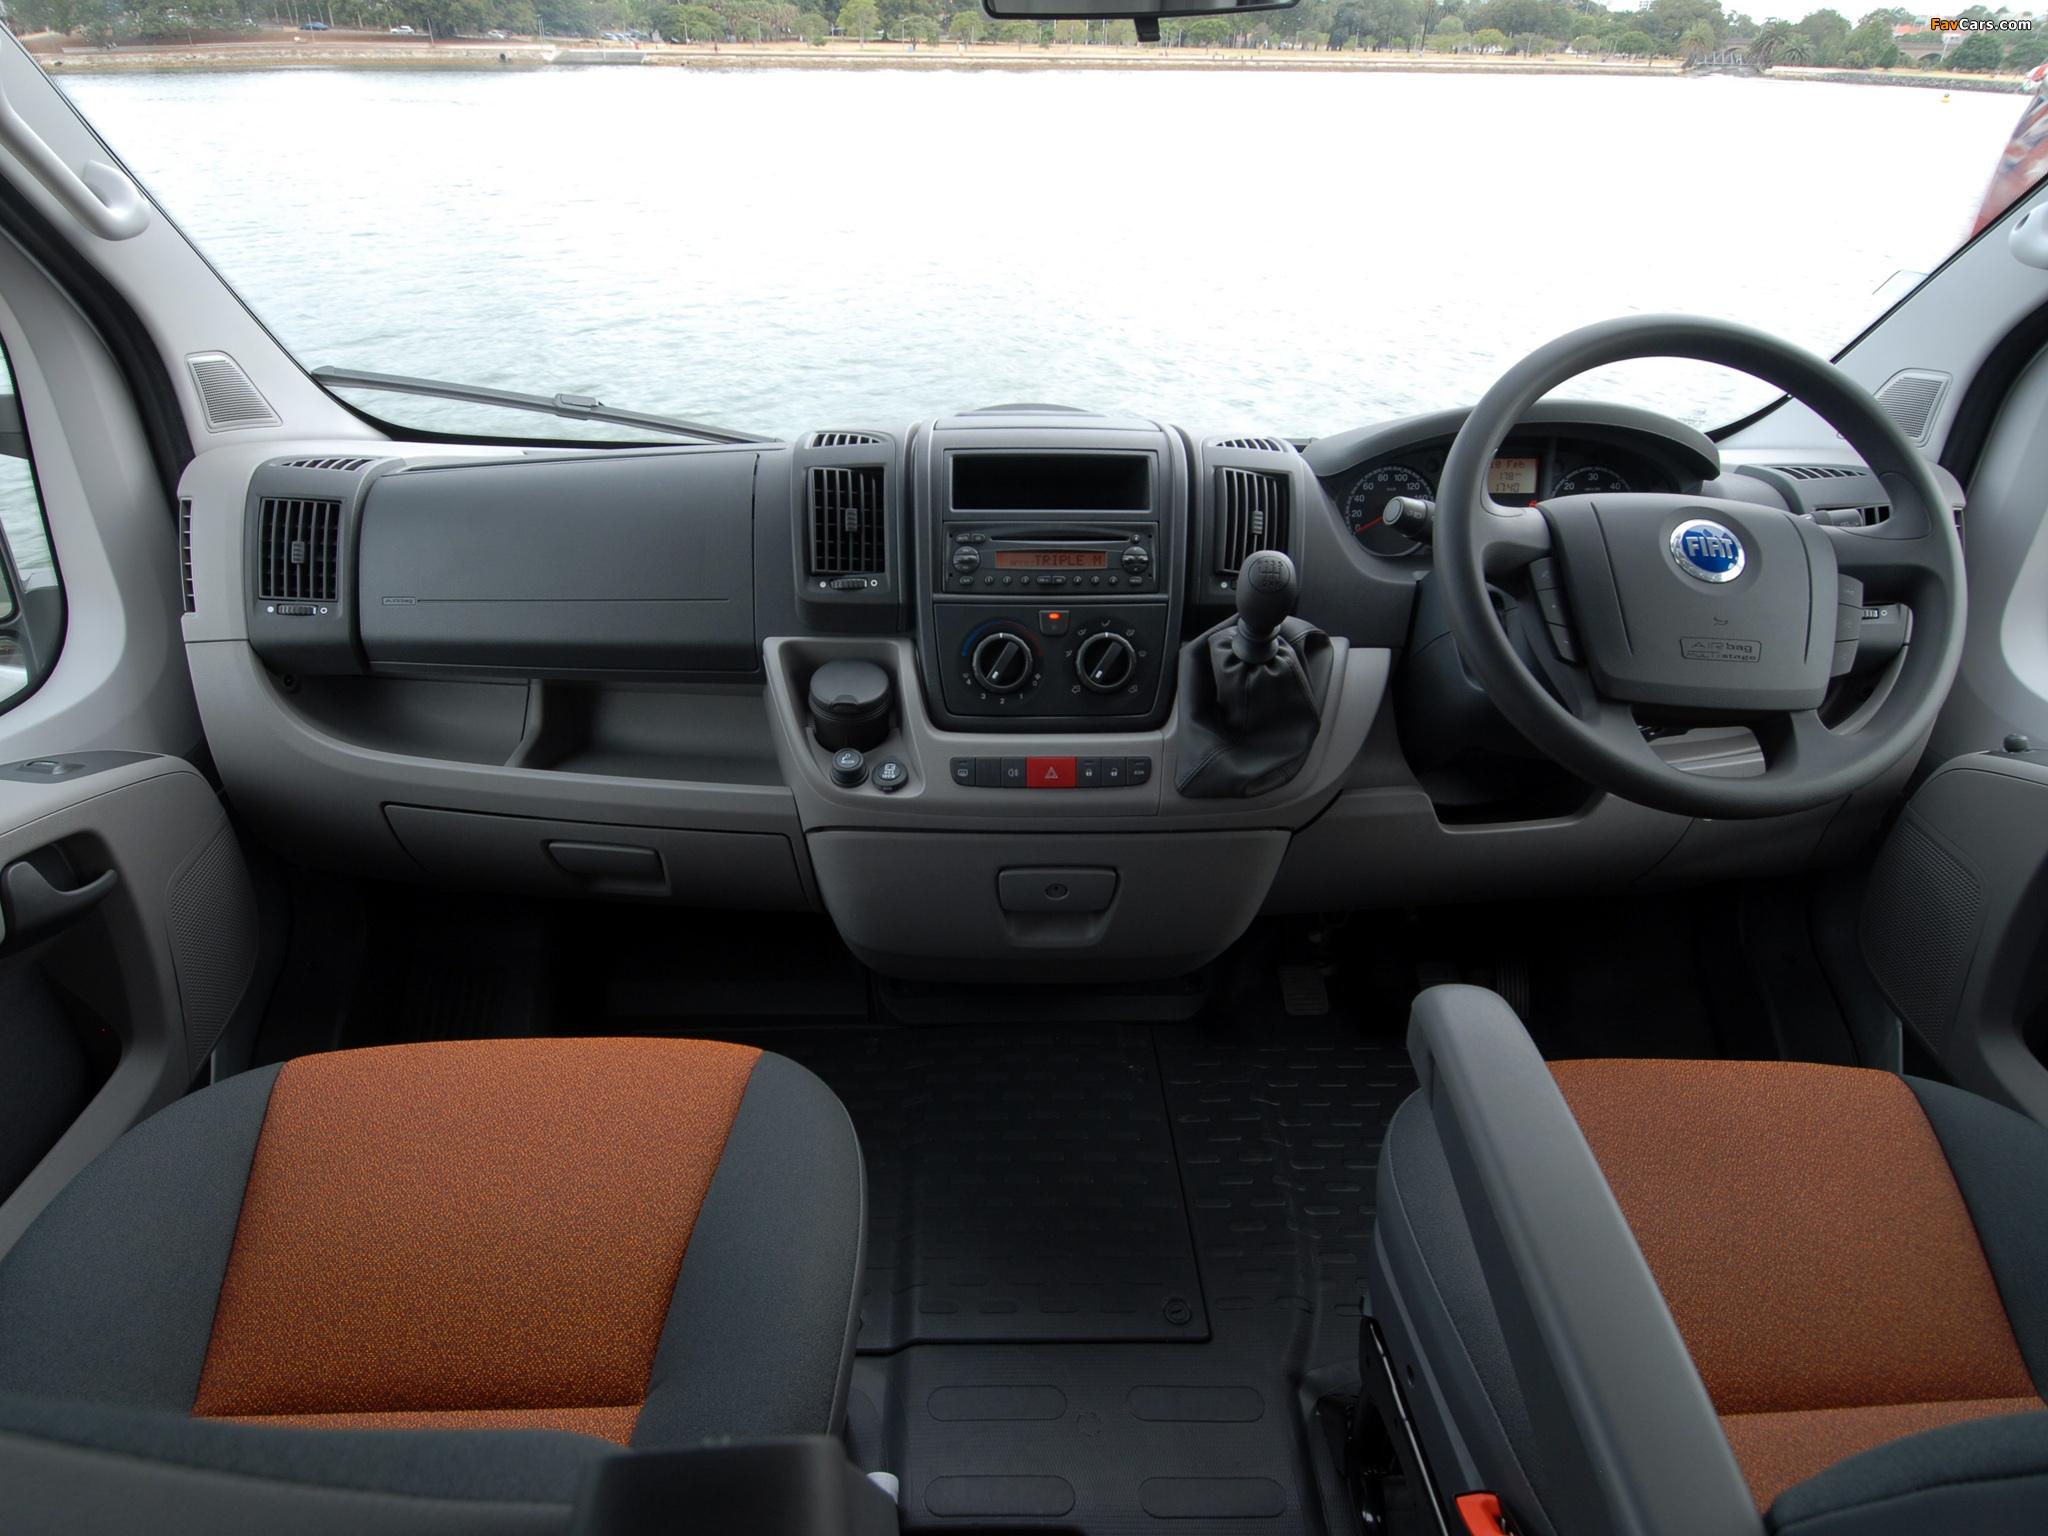 Fiat Ducato Van LWB AU-spec 2006 images (2048 x 1536)